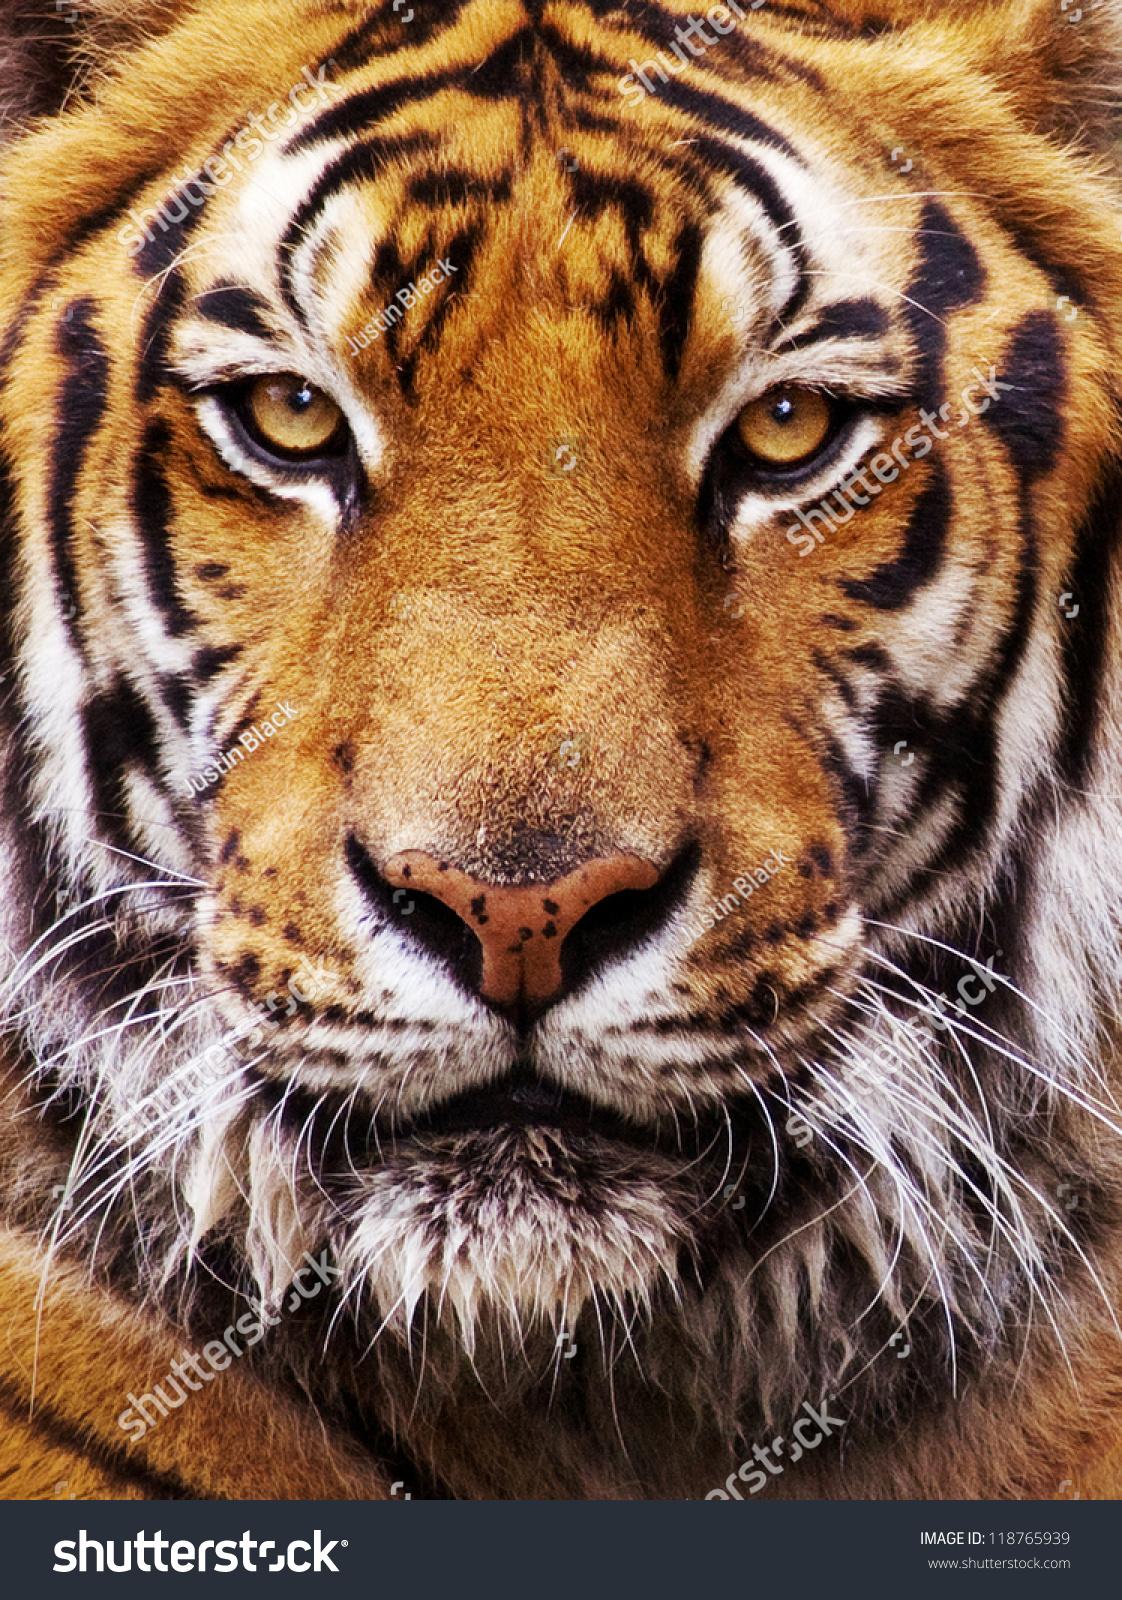 A Close Up Of Bad Makeup: Closeup Tigers Face Stock Photo 118765939